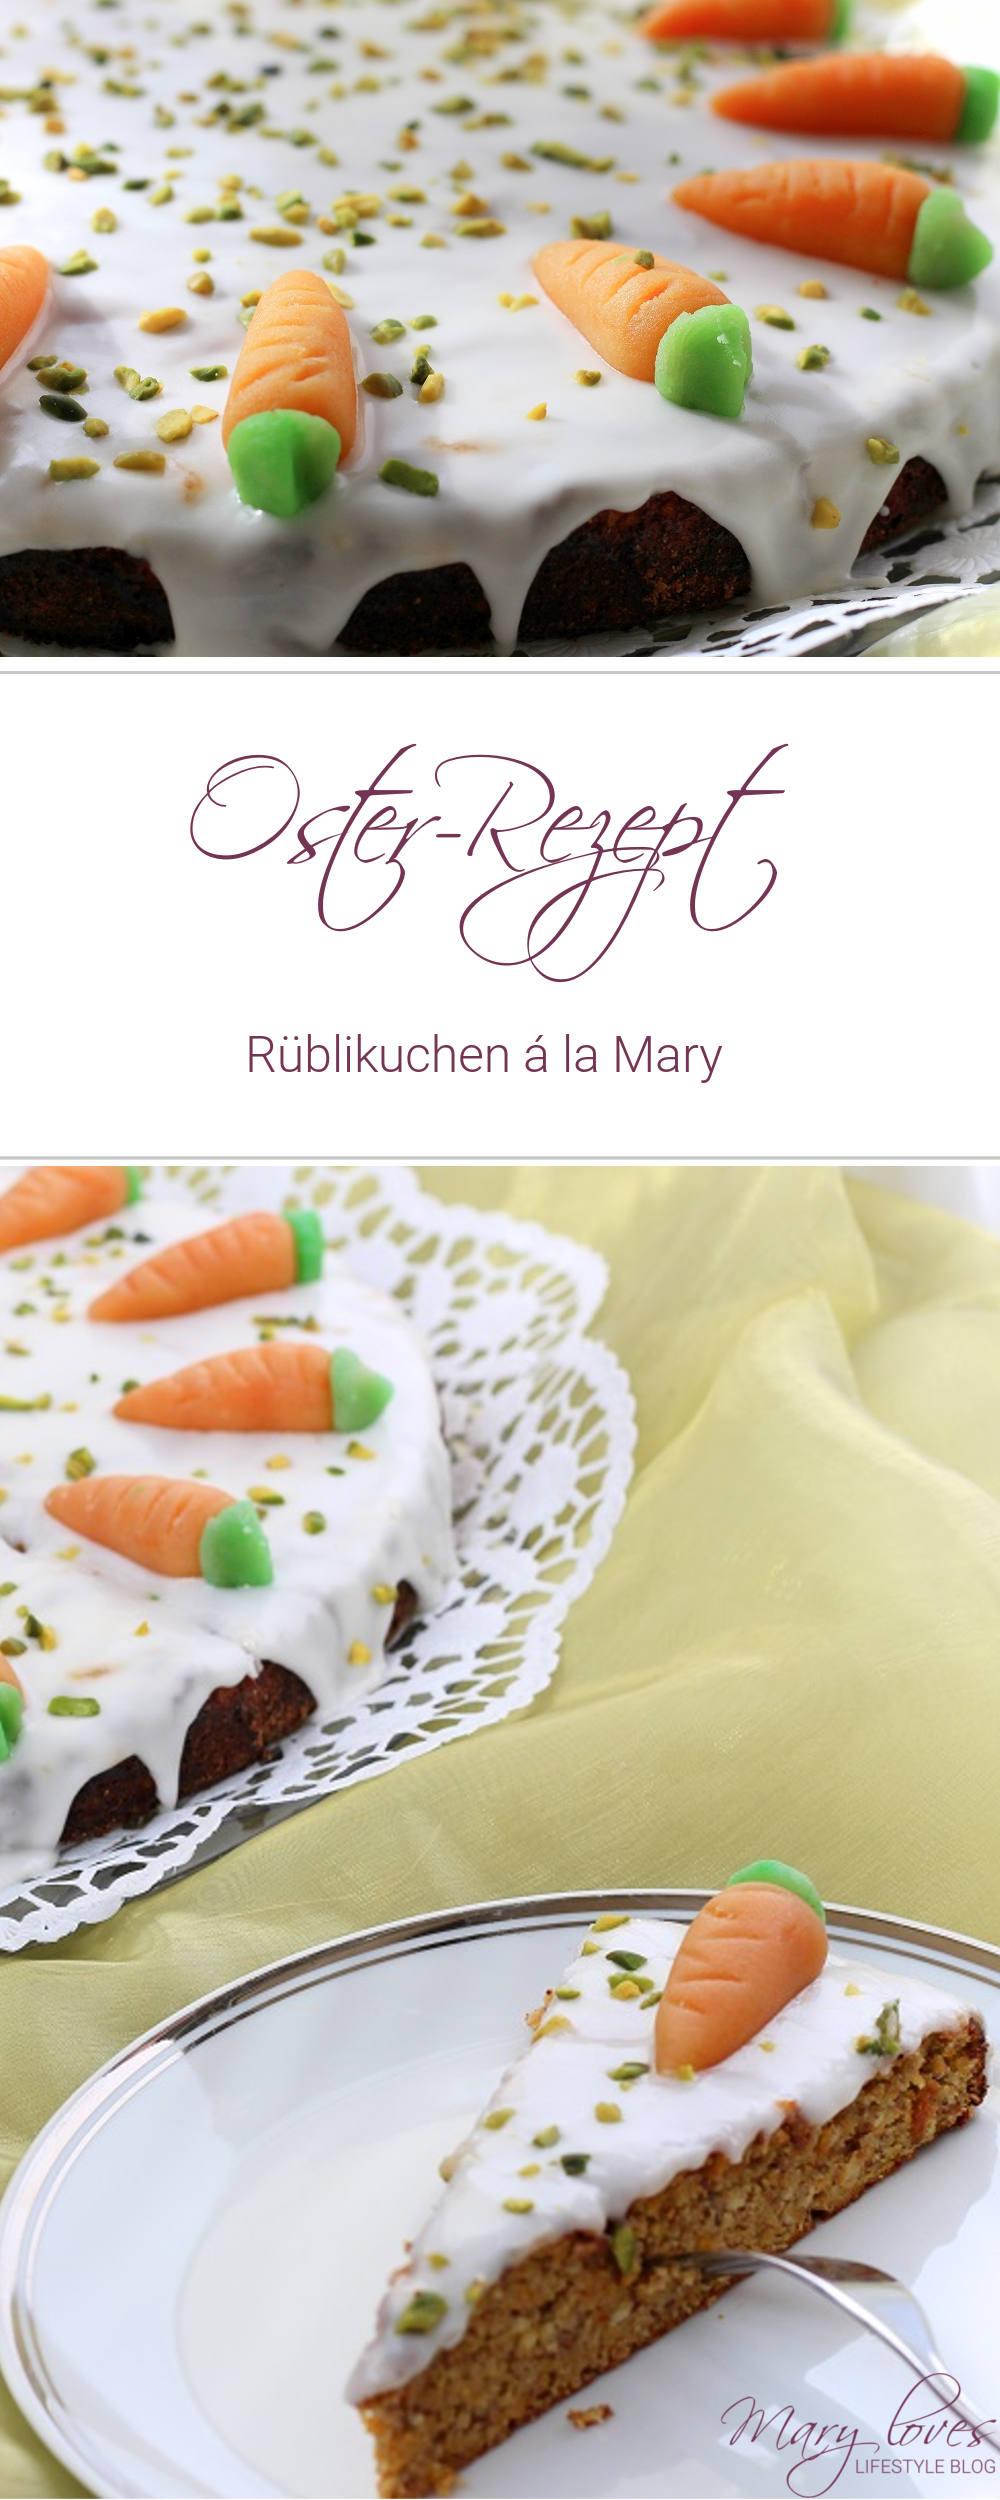 [Oster-Rezept] Rüblikuchen á la Mary